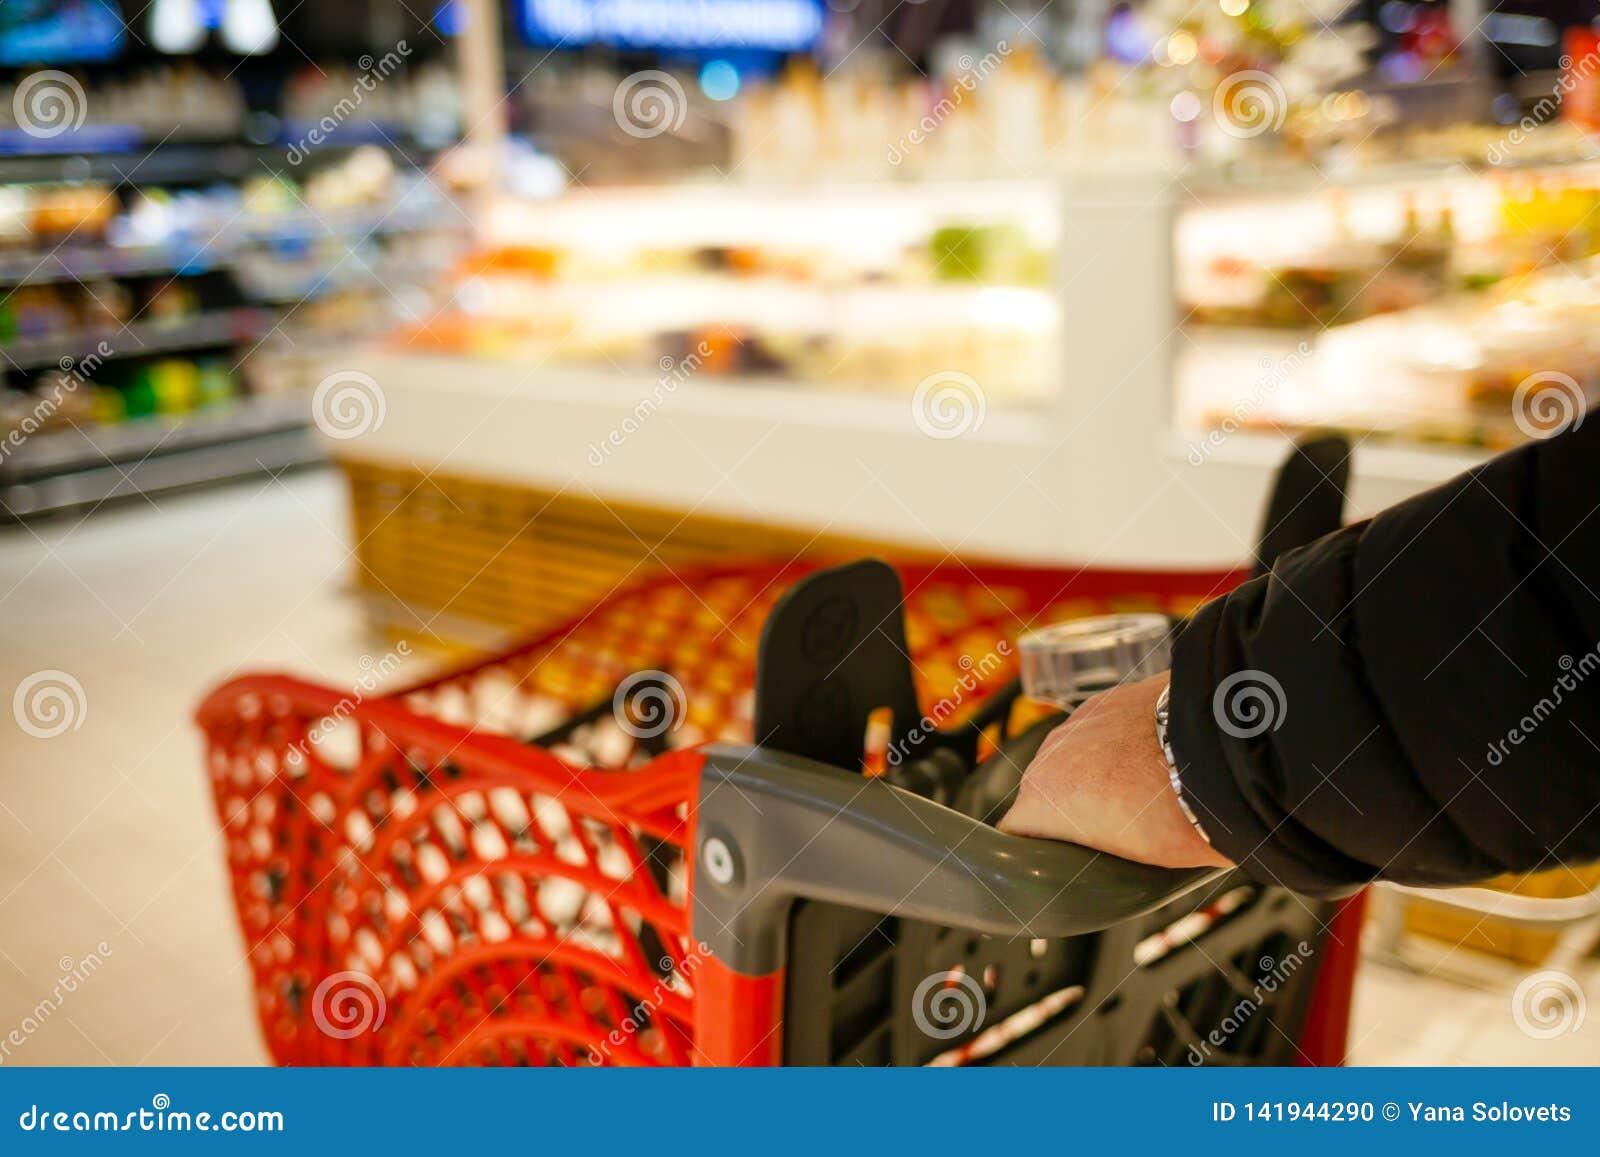 Unscharfer Hintergrund des Supermarktes